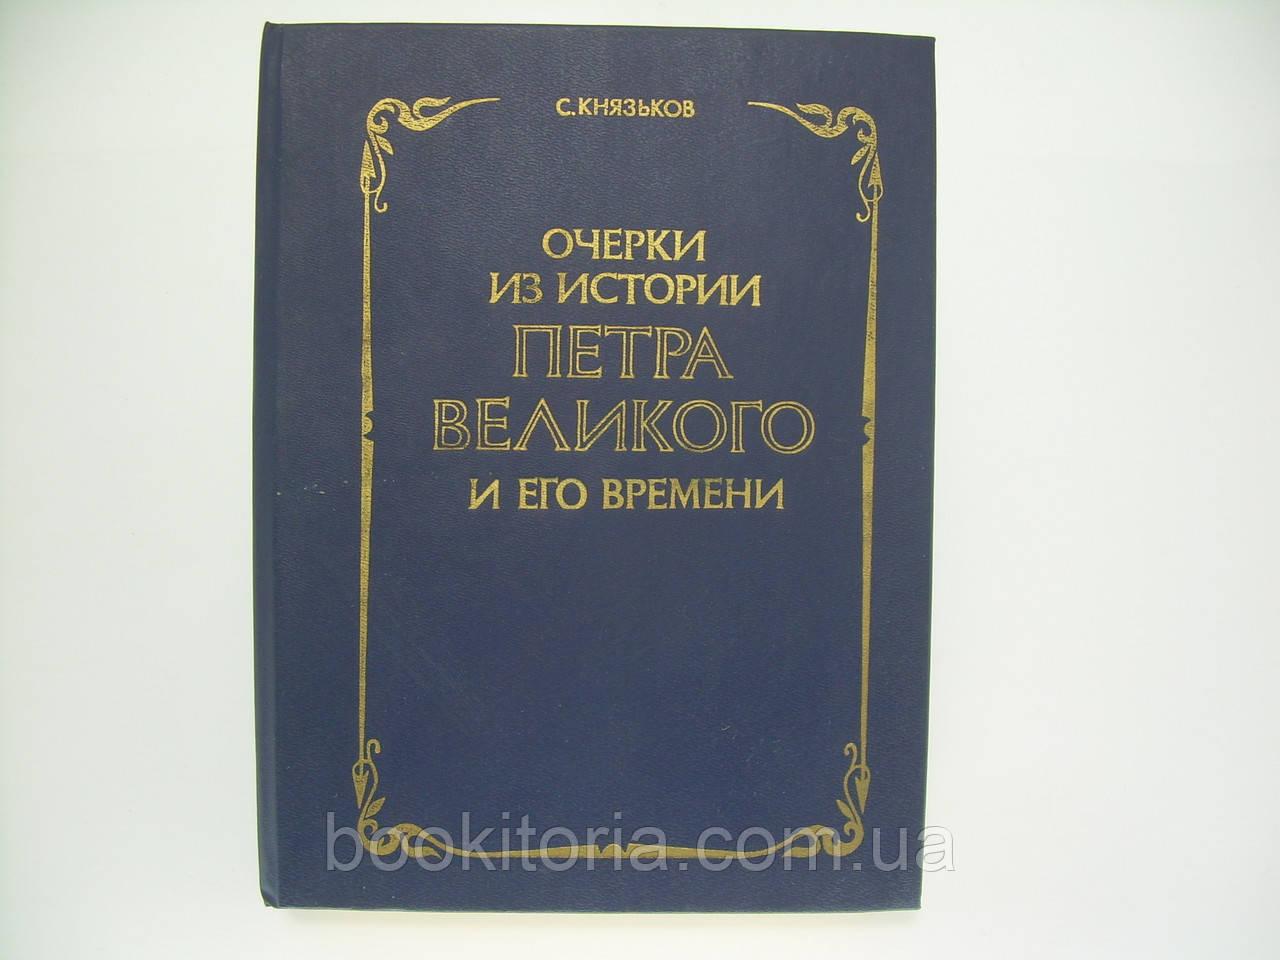 Князьков С. Очерки из истории Петра Великого и его времени (б/у).